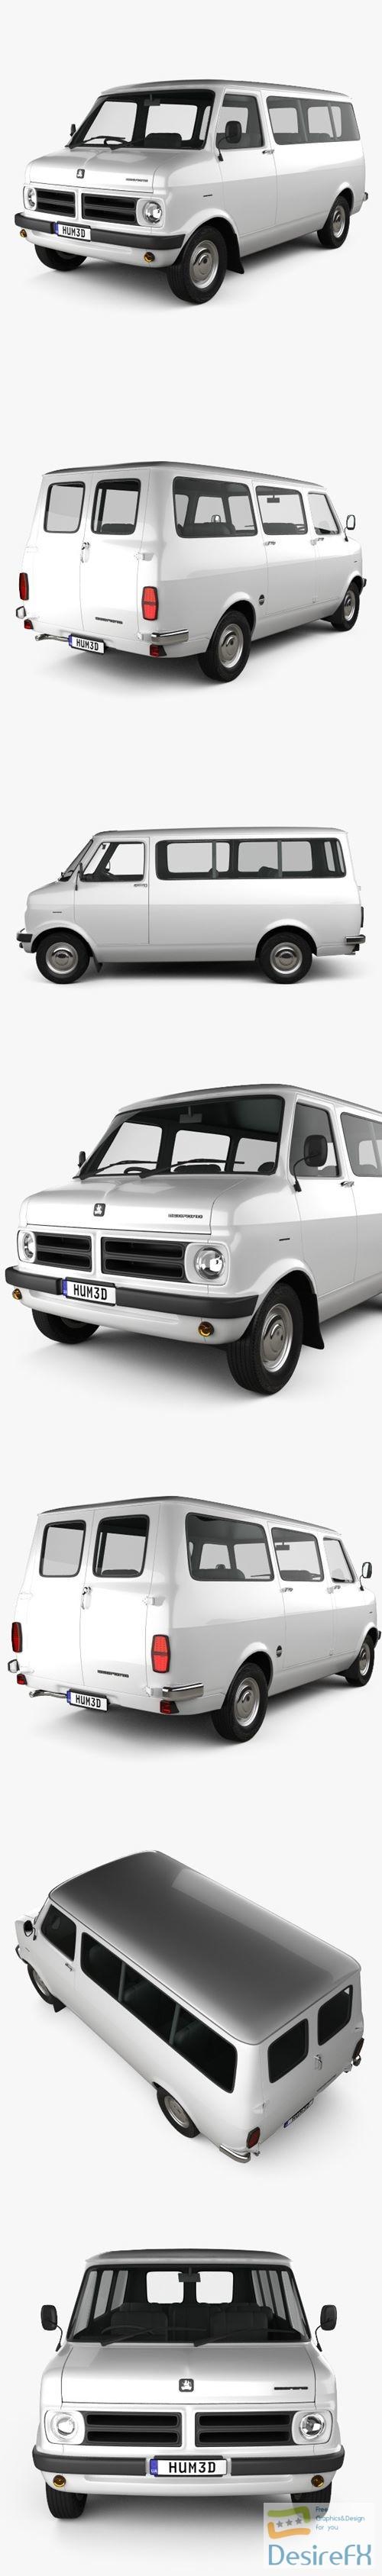 3d-models - Bedford CF Minibus 1969-1979 3D Model